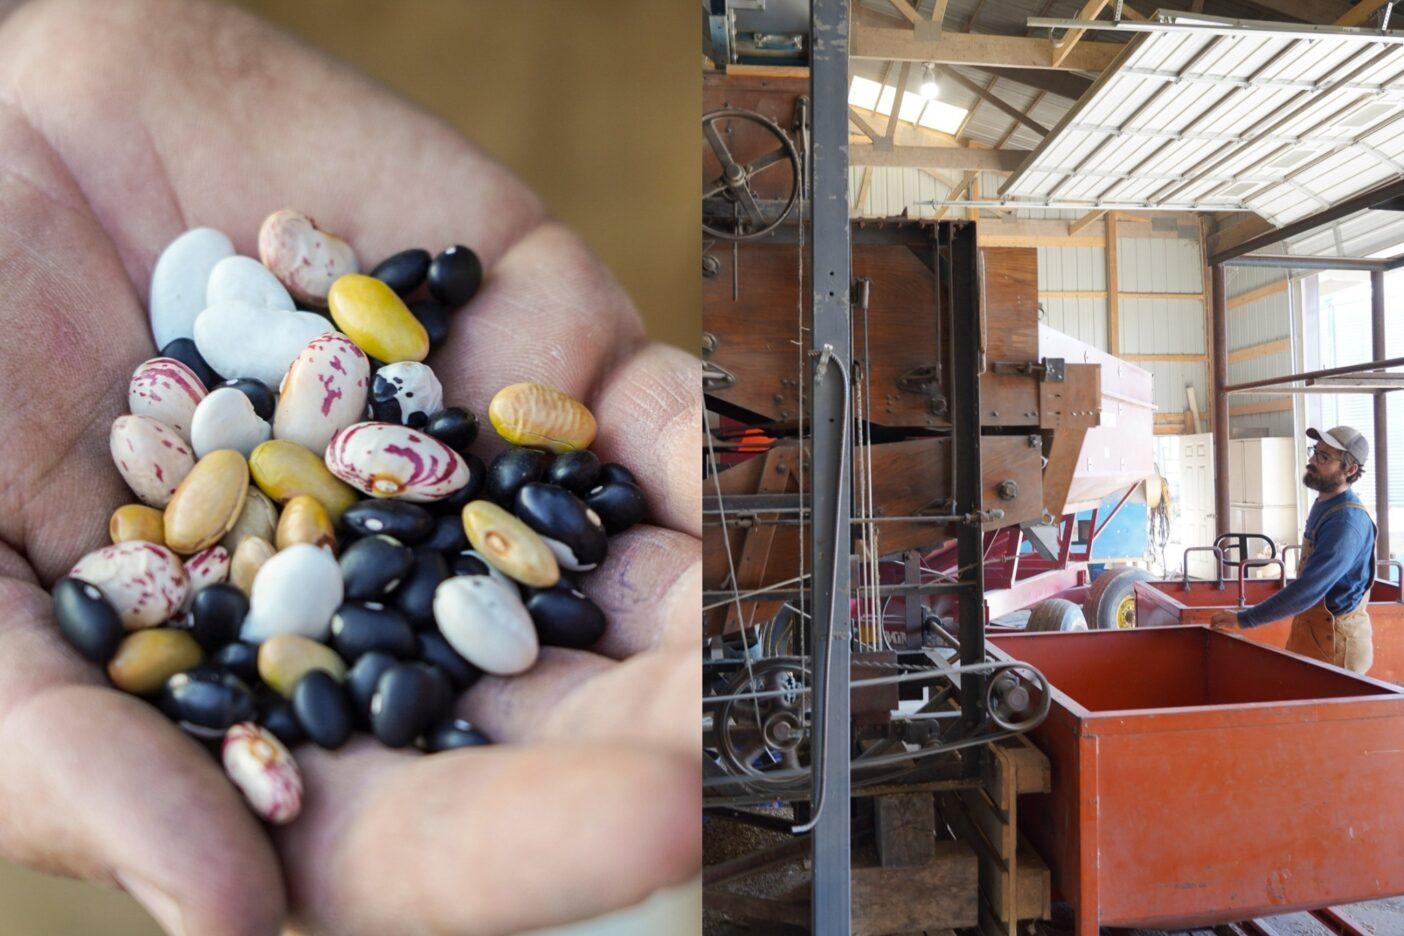 左:「穀類と豆類を並行して蒔けば、土がむき出しになることはほとんどないから、おそらく4年間は耕さずに済むわ。」ハリー・ウェプキングは言う。右:ジョンはメドウラーク・オーガニックスで育てた穀物をきれいにする。ウェプキング夫妻は、自家製粉機を導入し、地域の製粉拠点としての機能を備えた施設を整えることで、地元農家に商品取引システム以外の道を提供している。Photo: Jesse Perkins